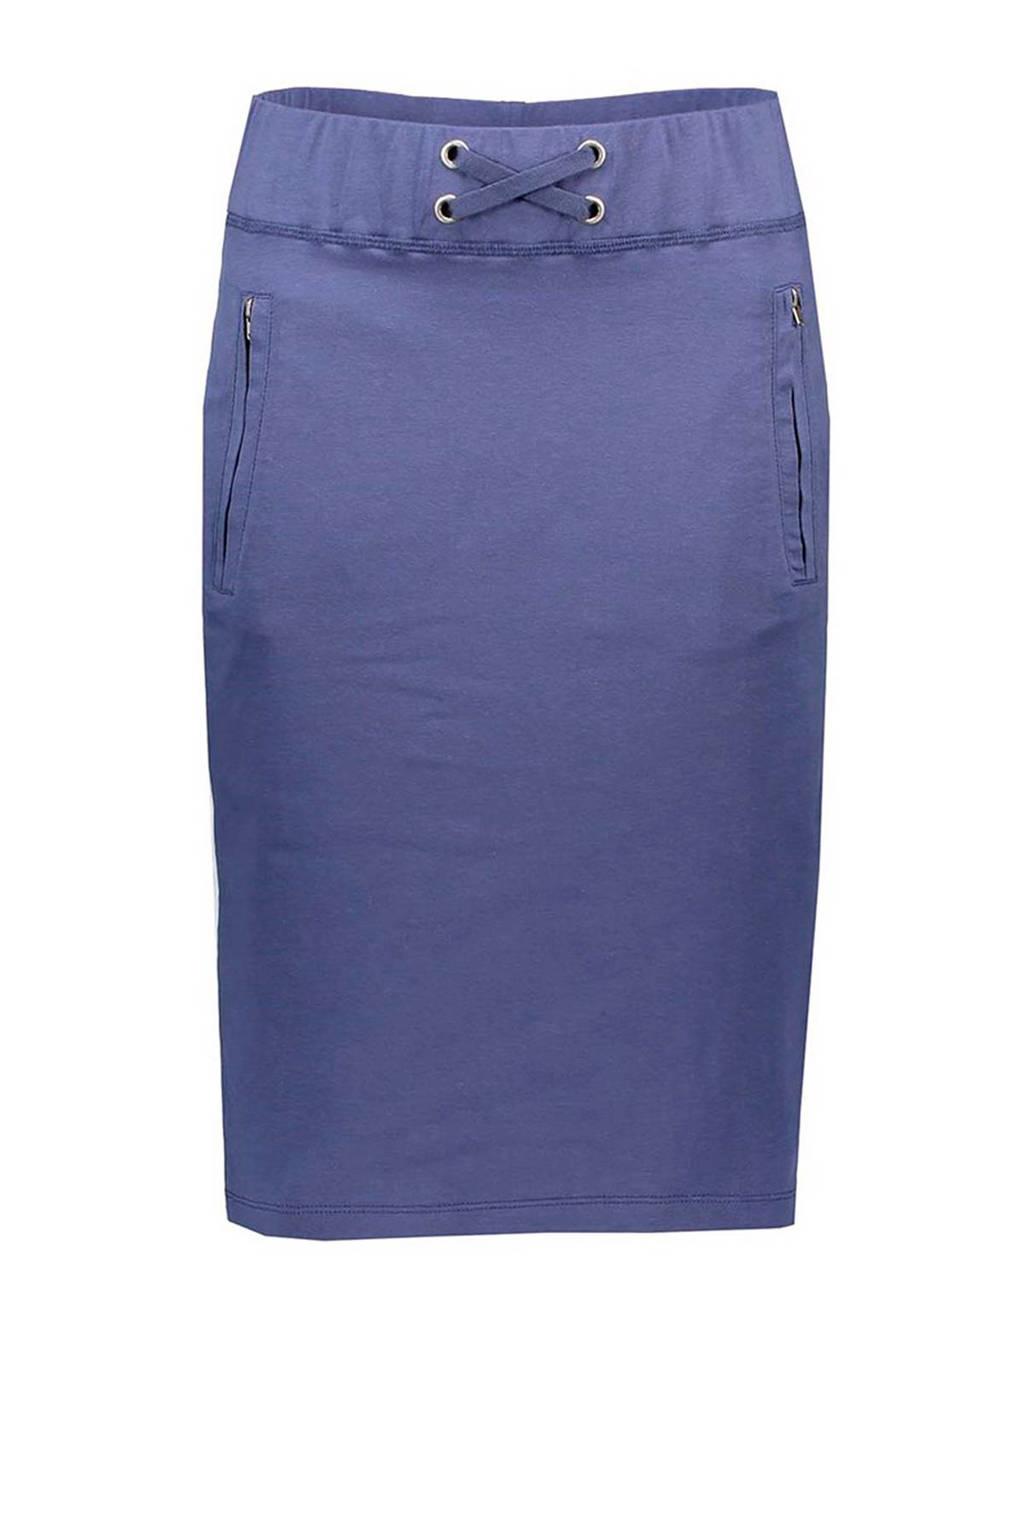 La Ligna rok met zijstreep blauw, Blauw